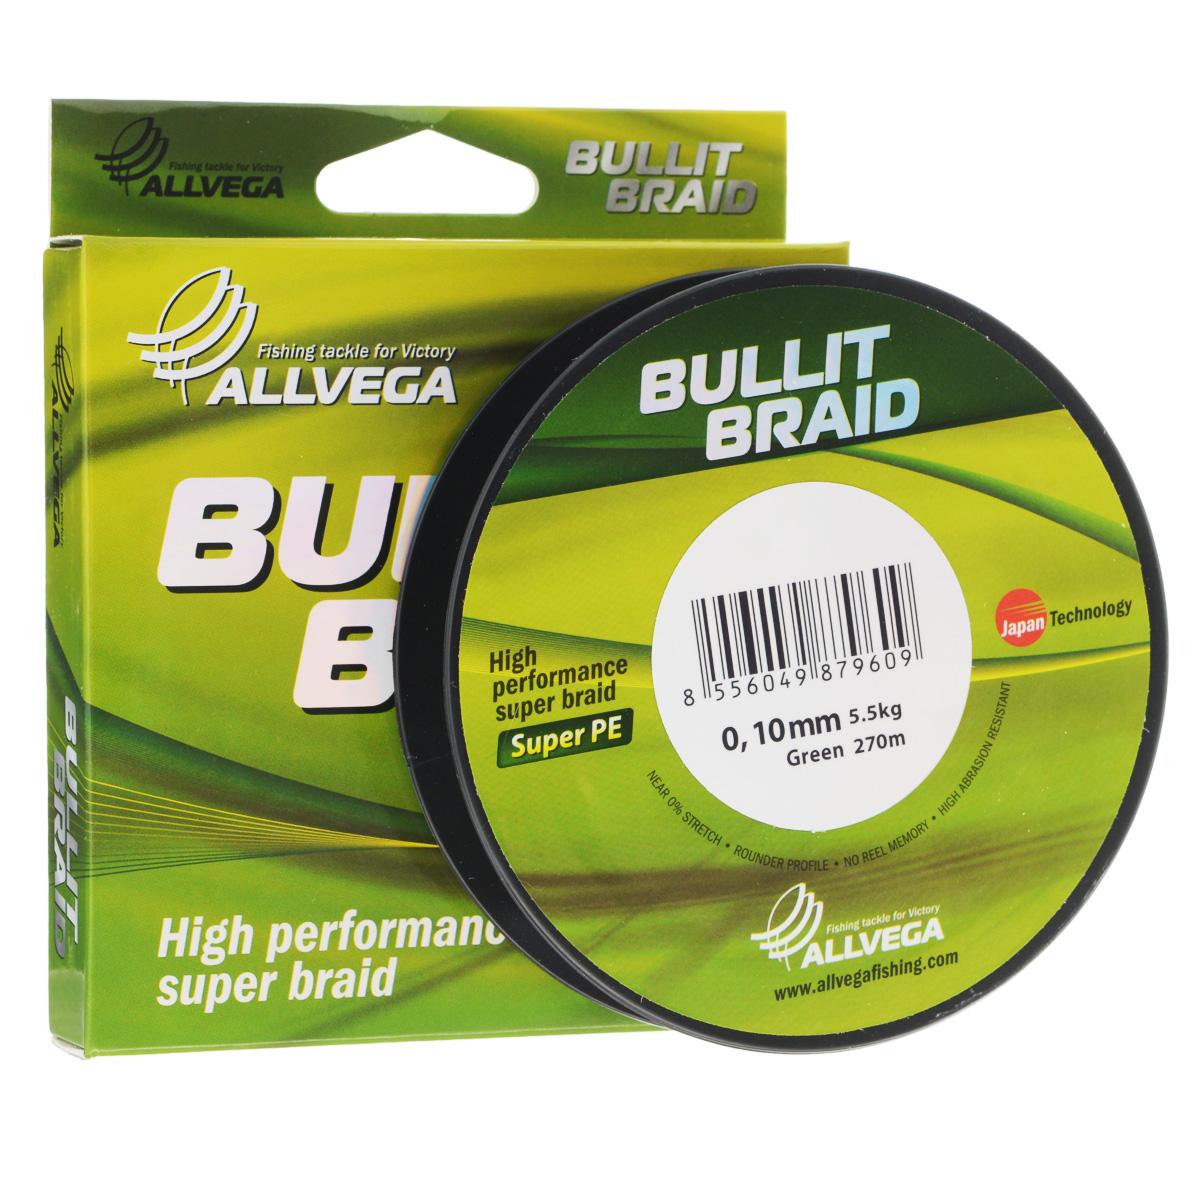 Леска плетеная Allvega Bullit Braid, цвет: темно-зеленый, 270 м, 0,10 мм, 5,5 кг46922Леска Allvega Bullit Braid с гладкой поверхностью и одинаковым сечением по всей длине обладает высокой износостойкостью. Благодаря микроволокнам полиэтилена (Super PE) леска имеет очень плотное плетение и не впитывает воду. Леску Allvega Bullit Braid можно применять в любых типах водоемов. Особенности:повышенная износостойкость;высокая чувствительность - коэффициент растяжения близок к нулю;отсутствует память; идеально гладкая поверхность позволяет увеличить дальность забросов; высокая прочность шнура на узлах.